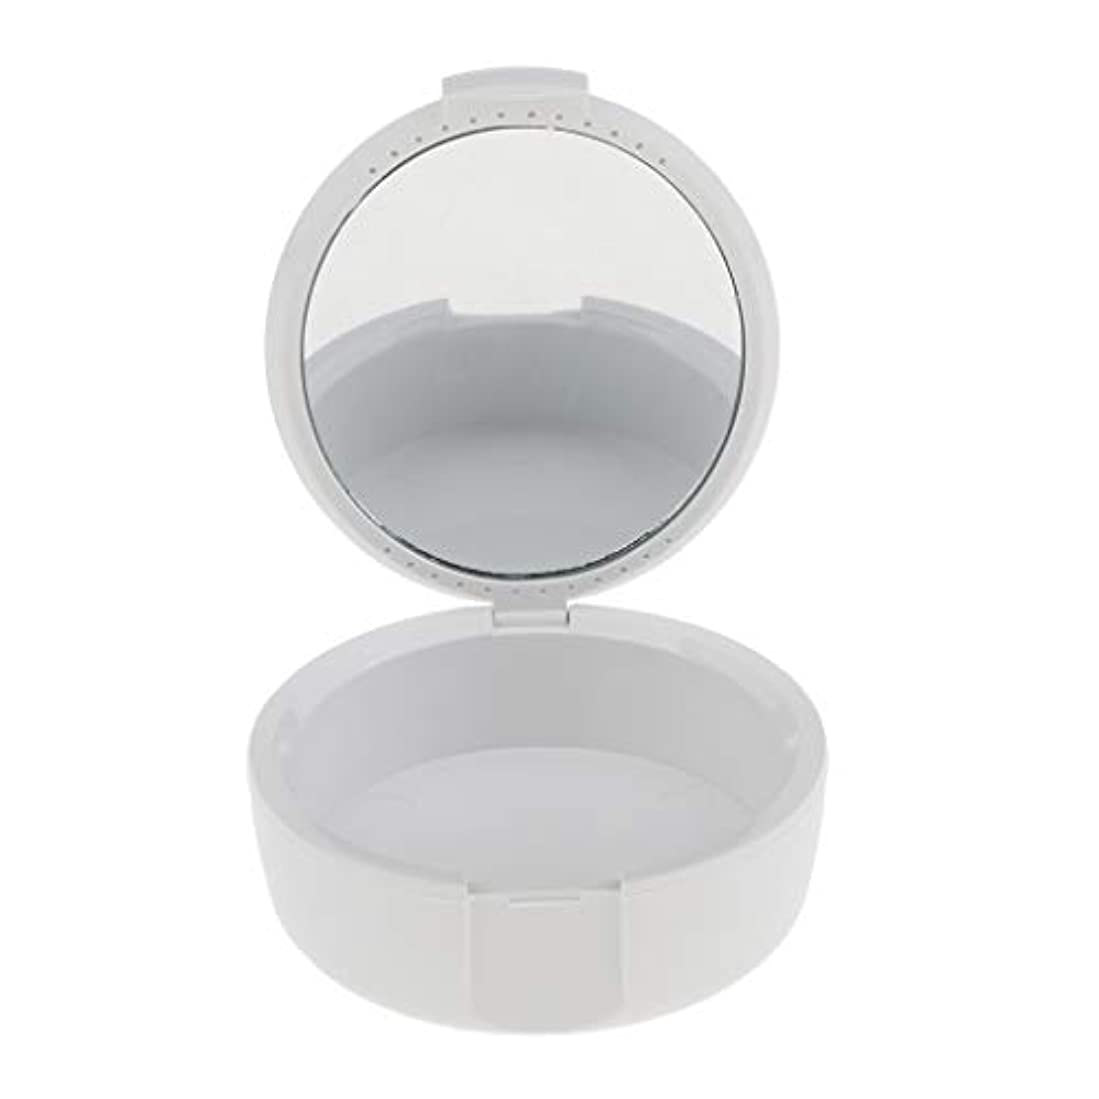 配列小石タクトD DOLITY 義歯ケース マウスガードケース ミラー付き 便利 2色選べ - 白